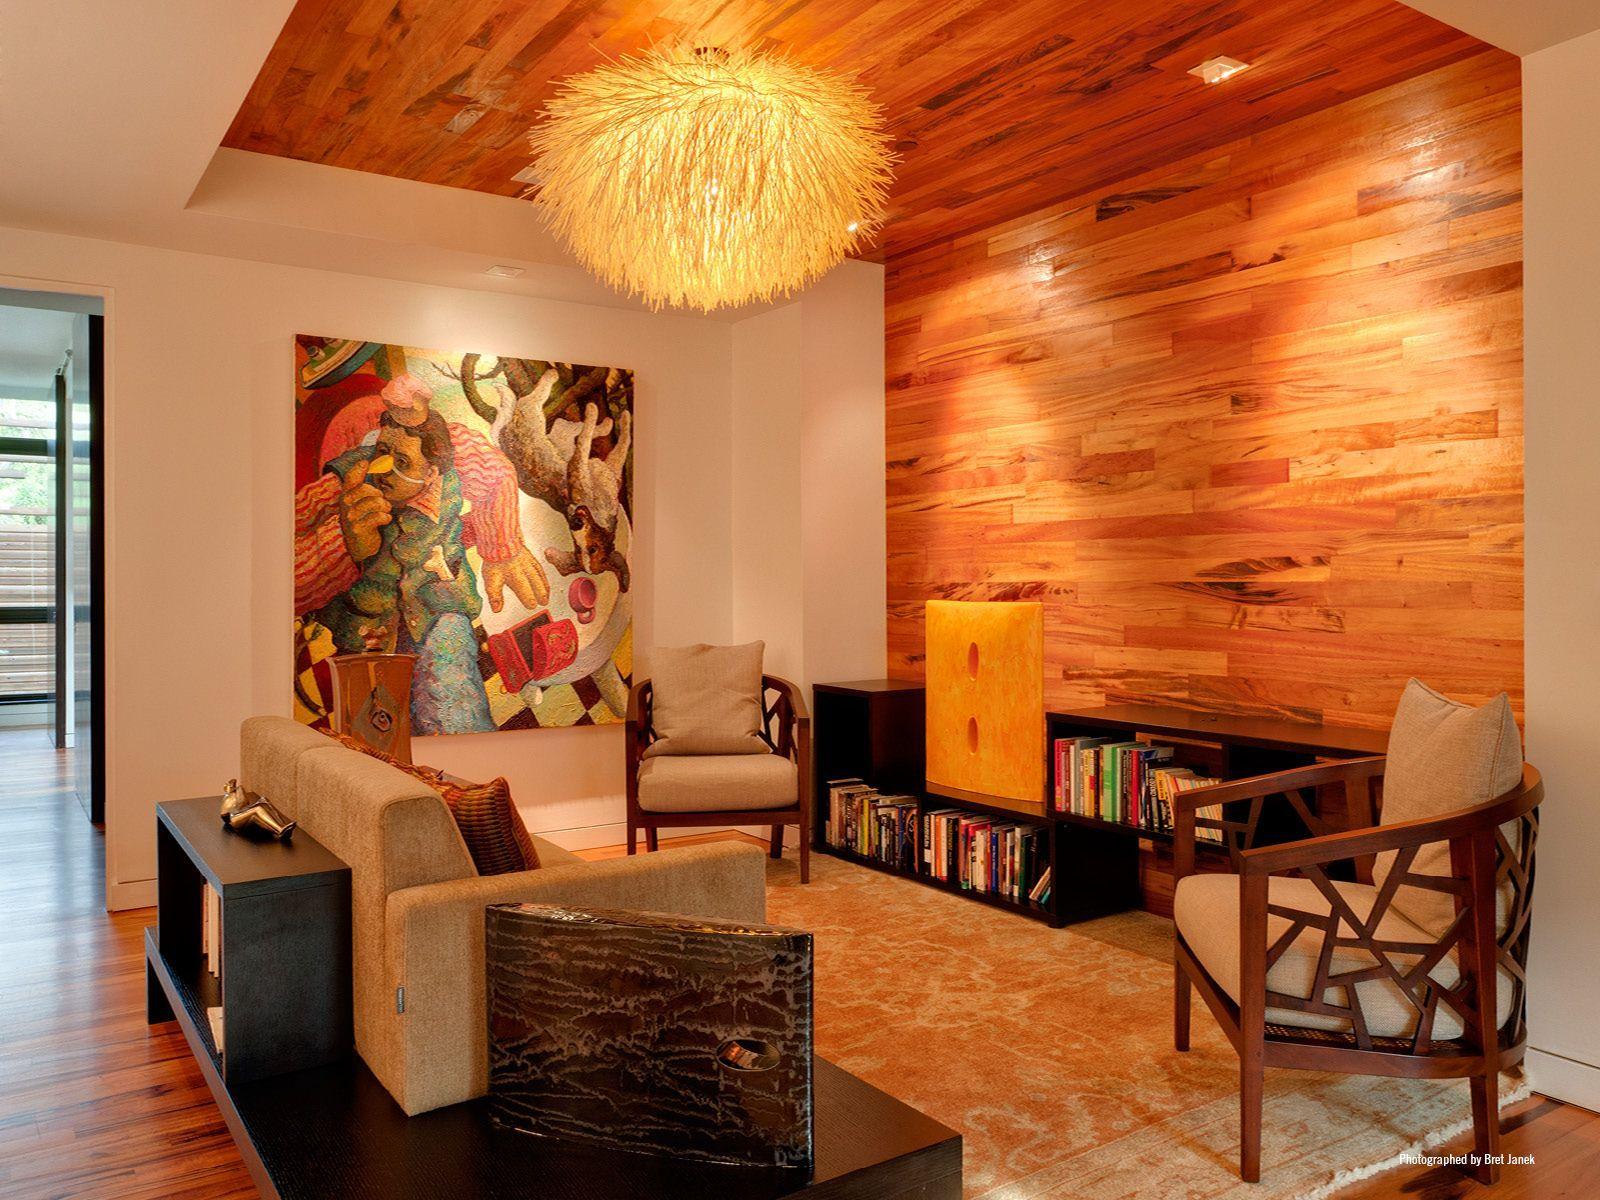 70 Moderne, Innovative Luxus Interieur Ideen Fürs Wohnzimmer    Holzoberflaeche Modern Bequem Stuhle Design Wohnbereich